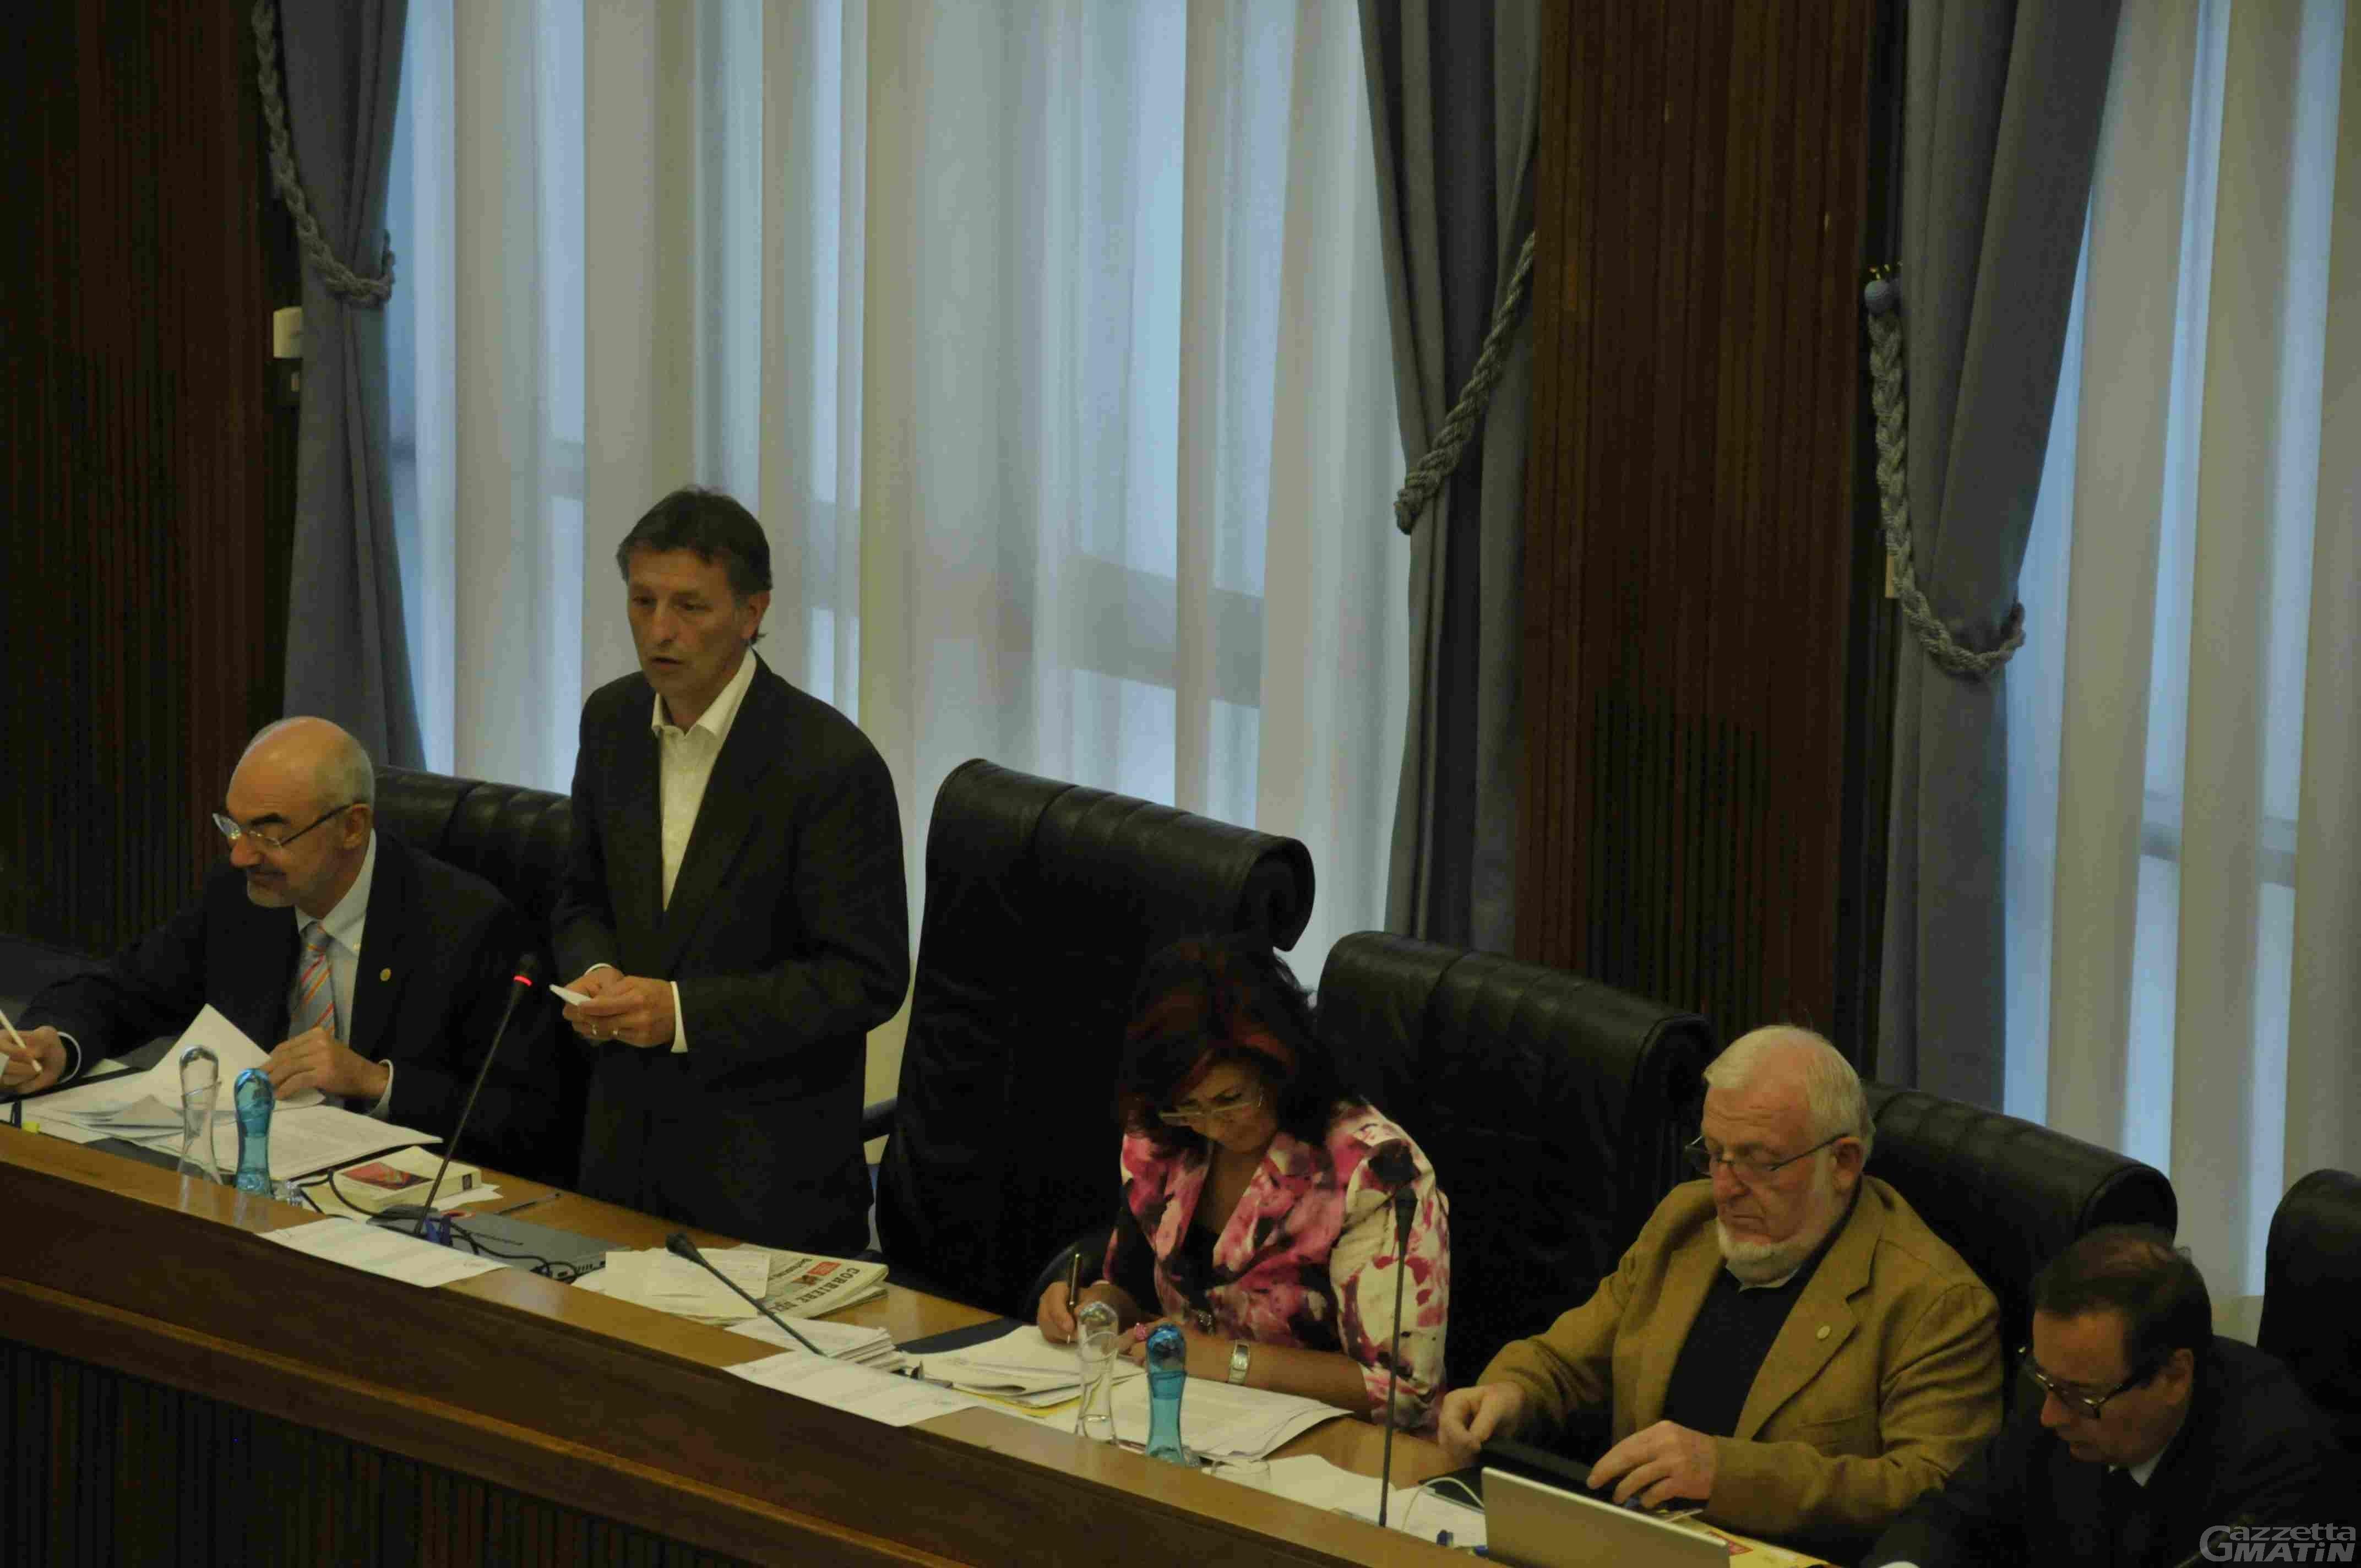 TAR, annullato l'appalto per la raccolta rifiuti ad Aosta